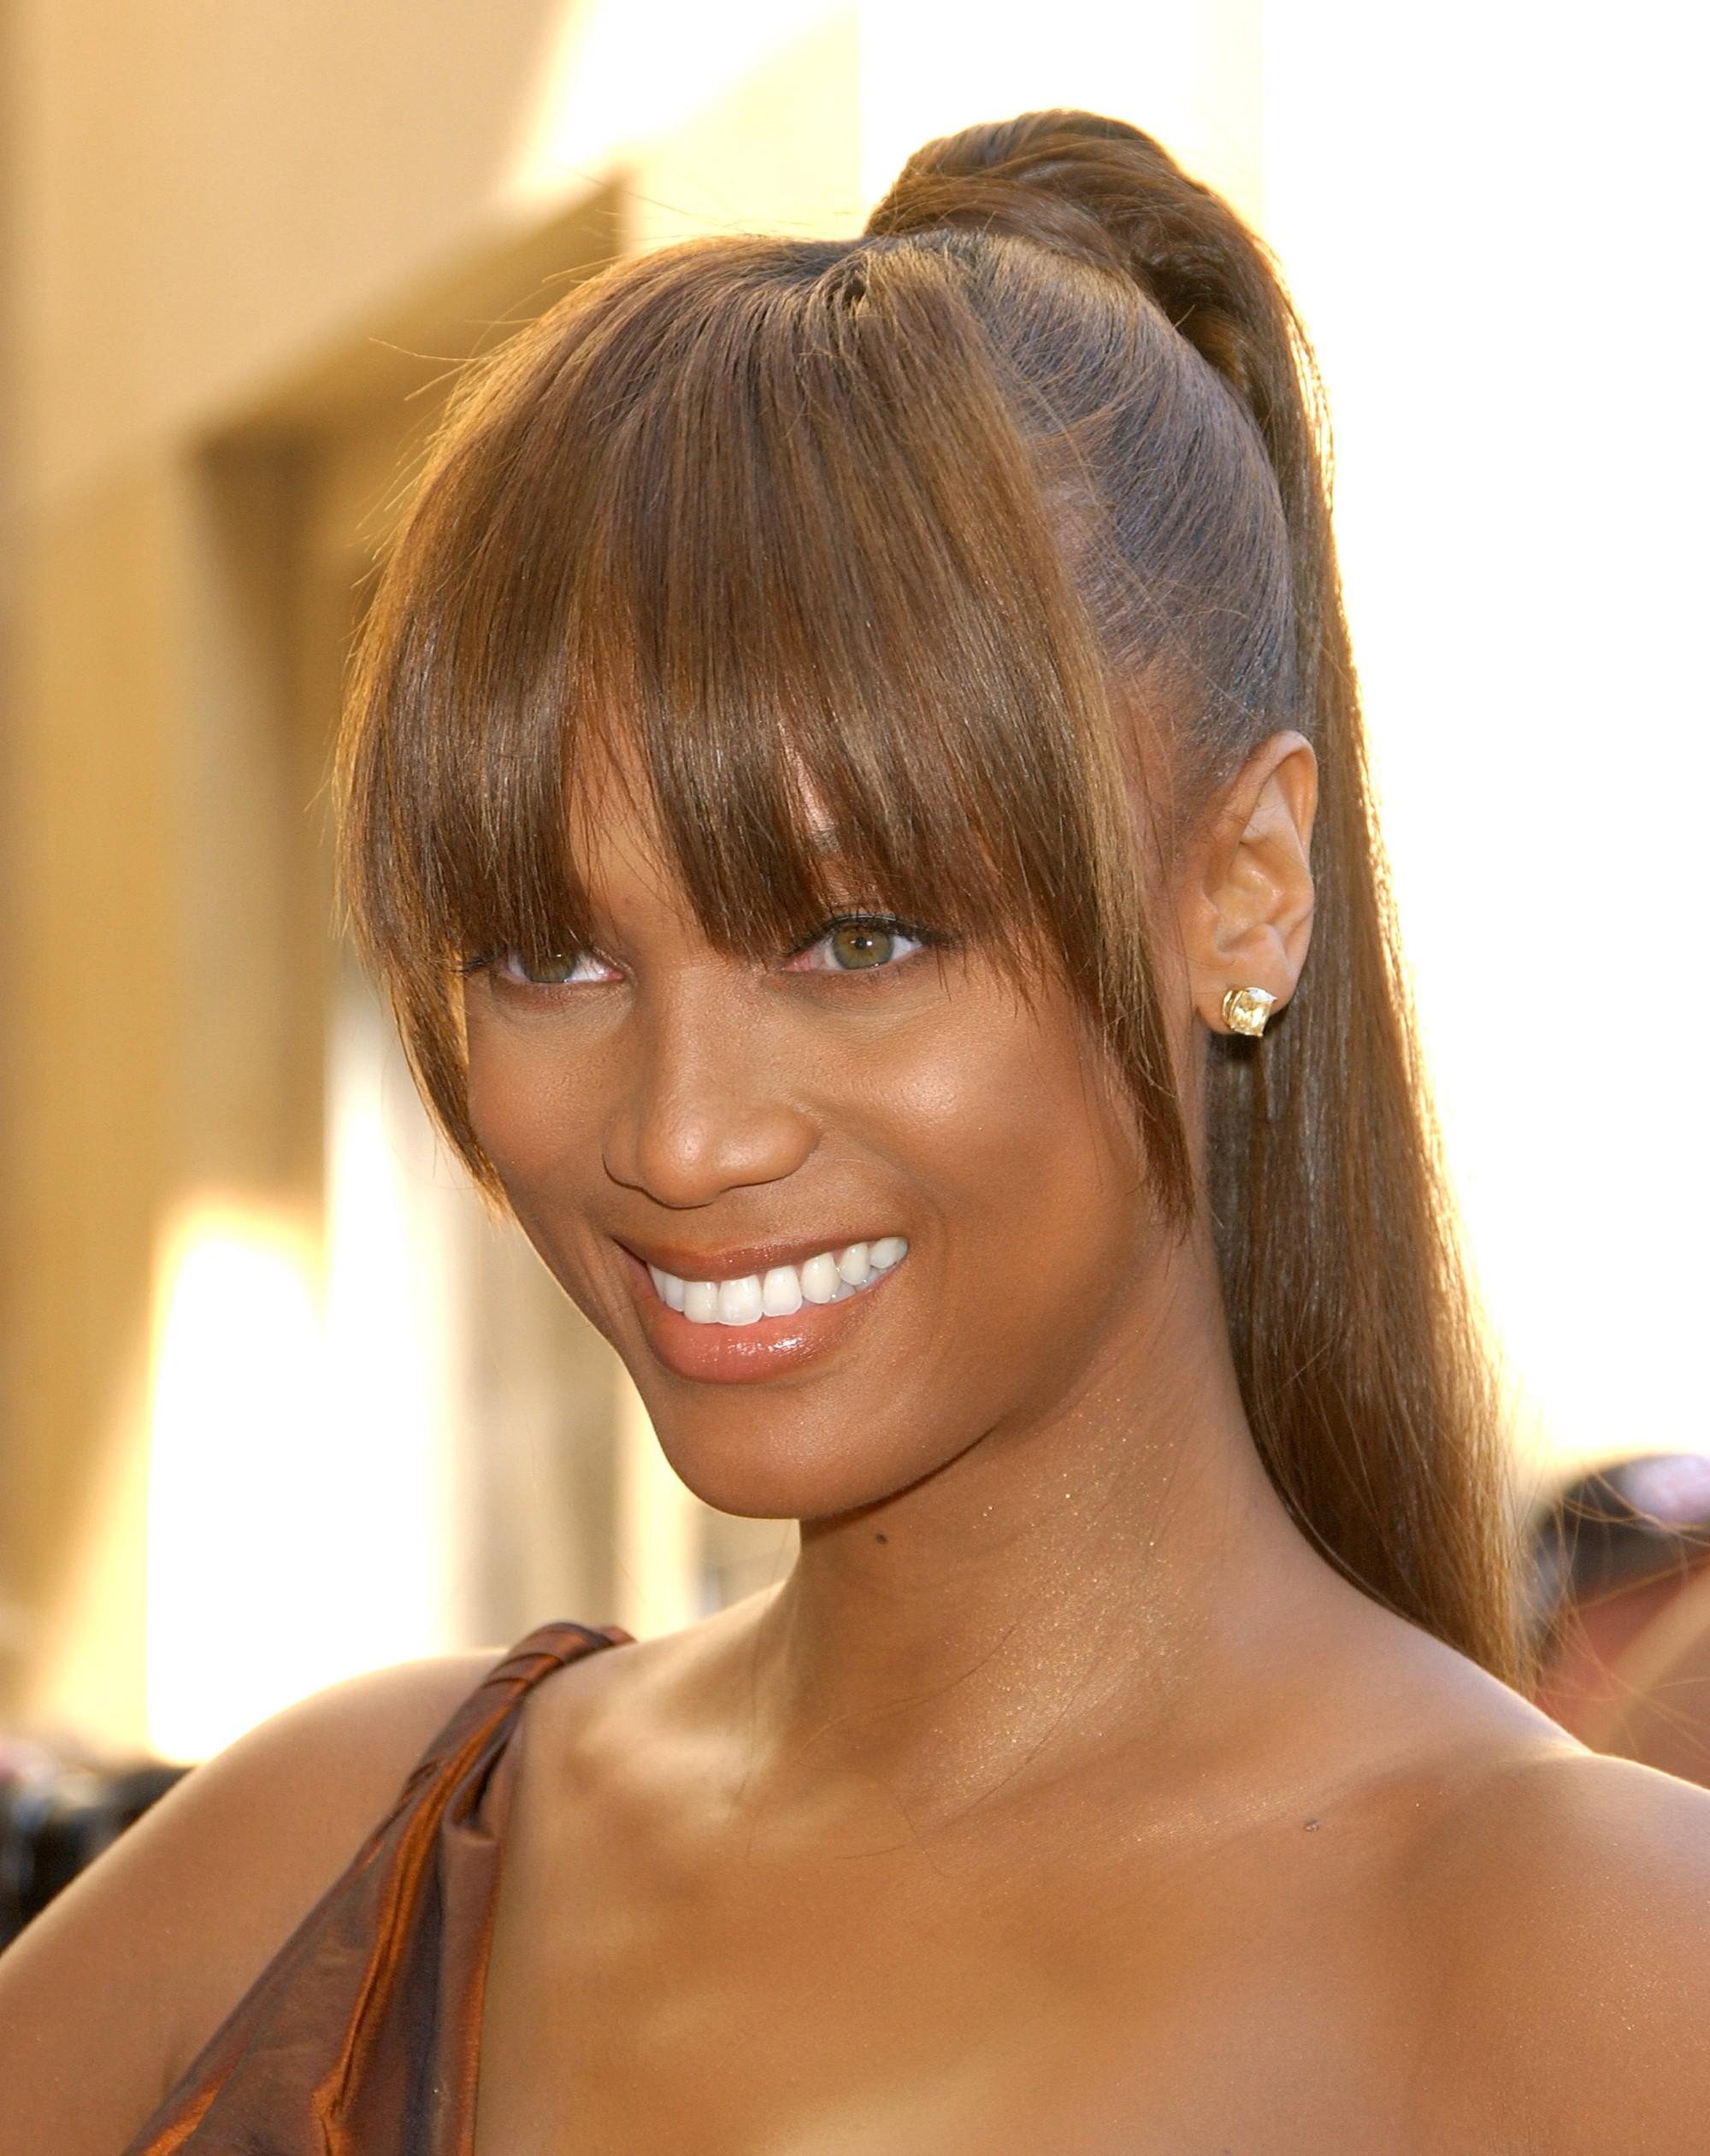 Ariana Grande mà tham gia Americas Next Top Model thì sẽ được cắt tóc thế nào? - Ảnh 6.